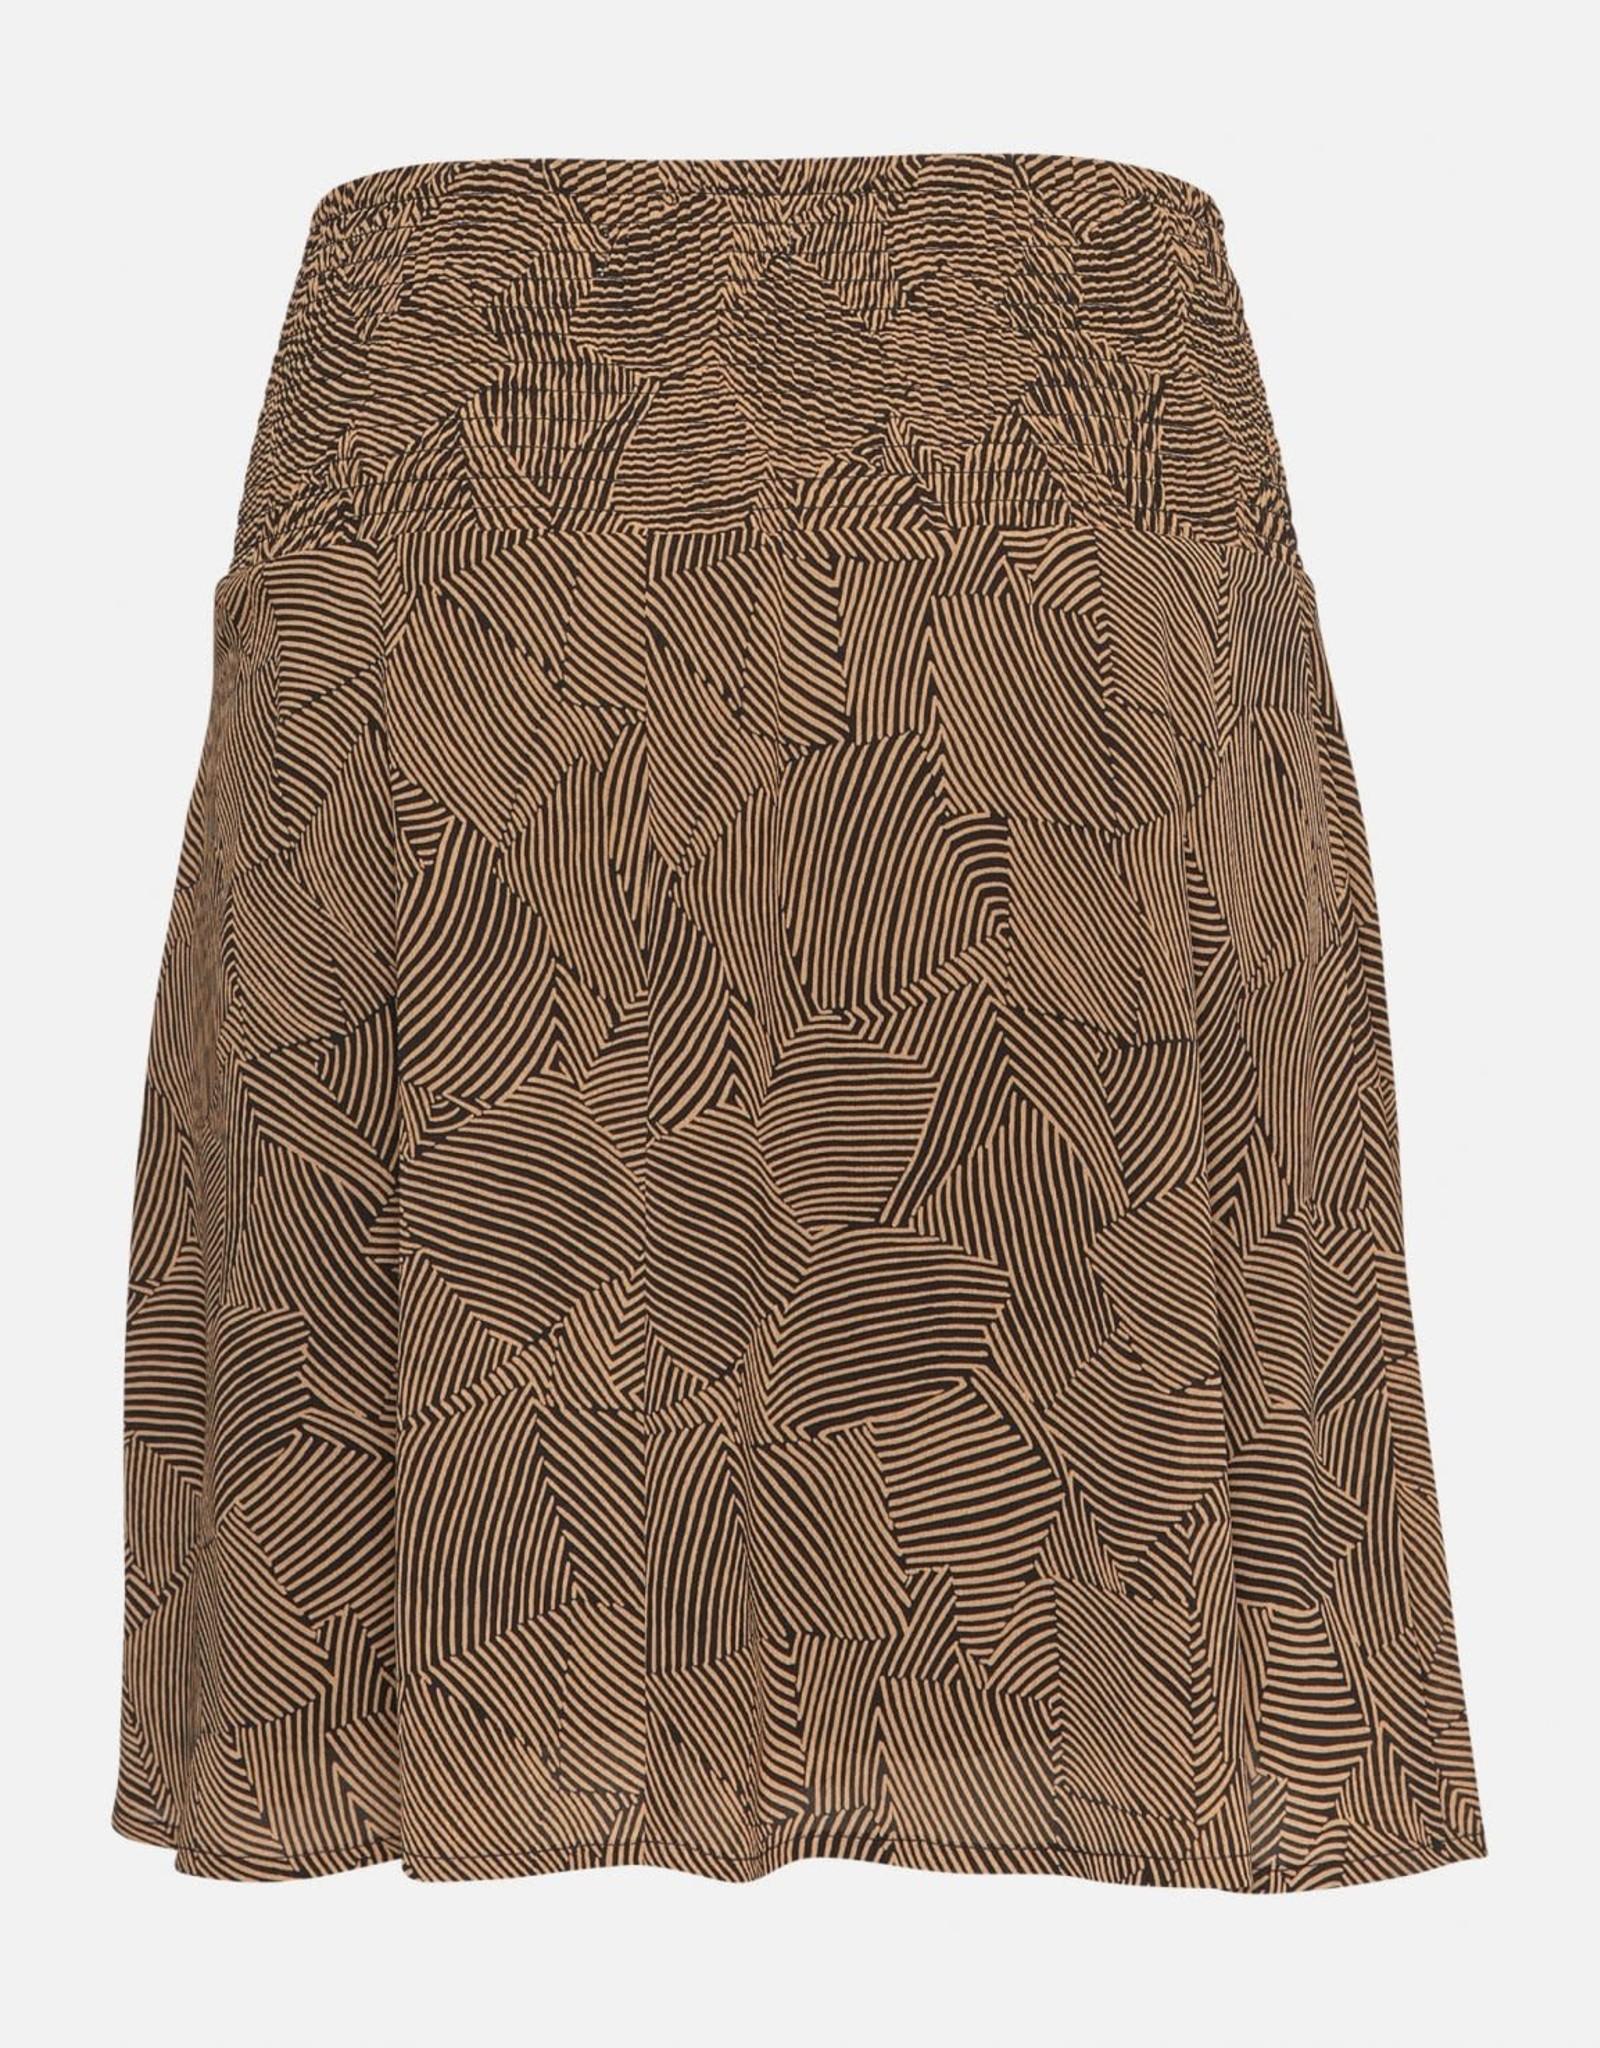 Moss Copenhagen MSCH Ophelie Rikkelie Skirt